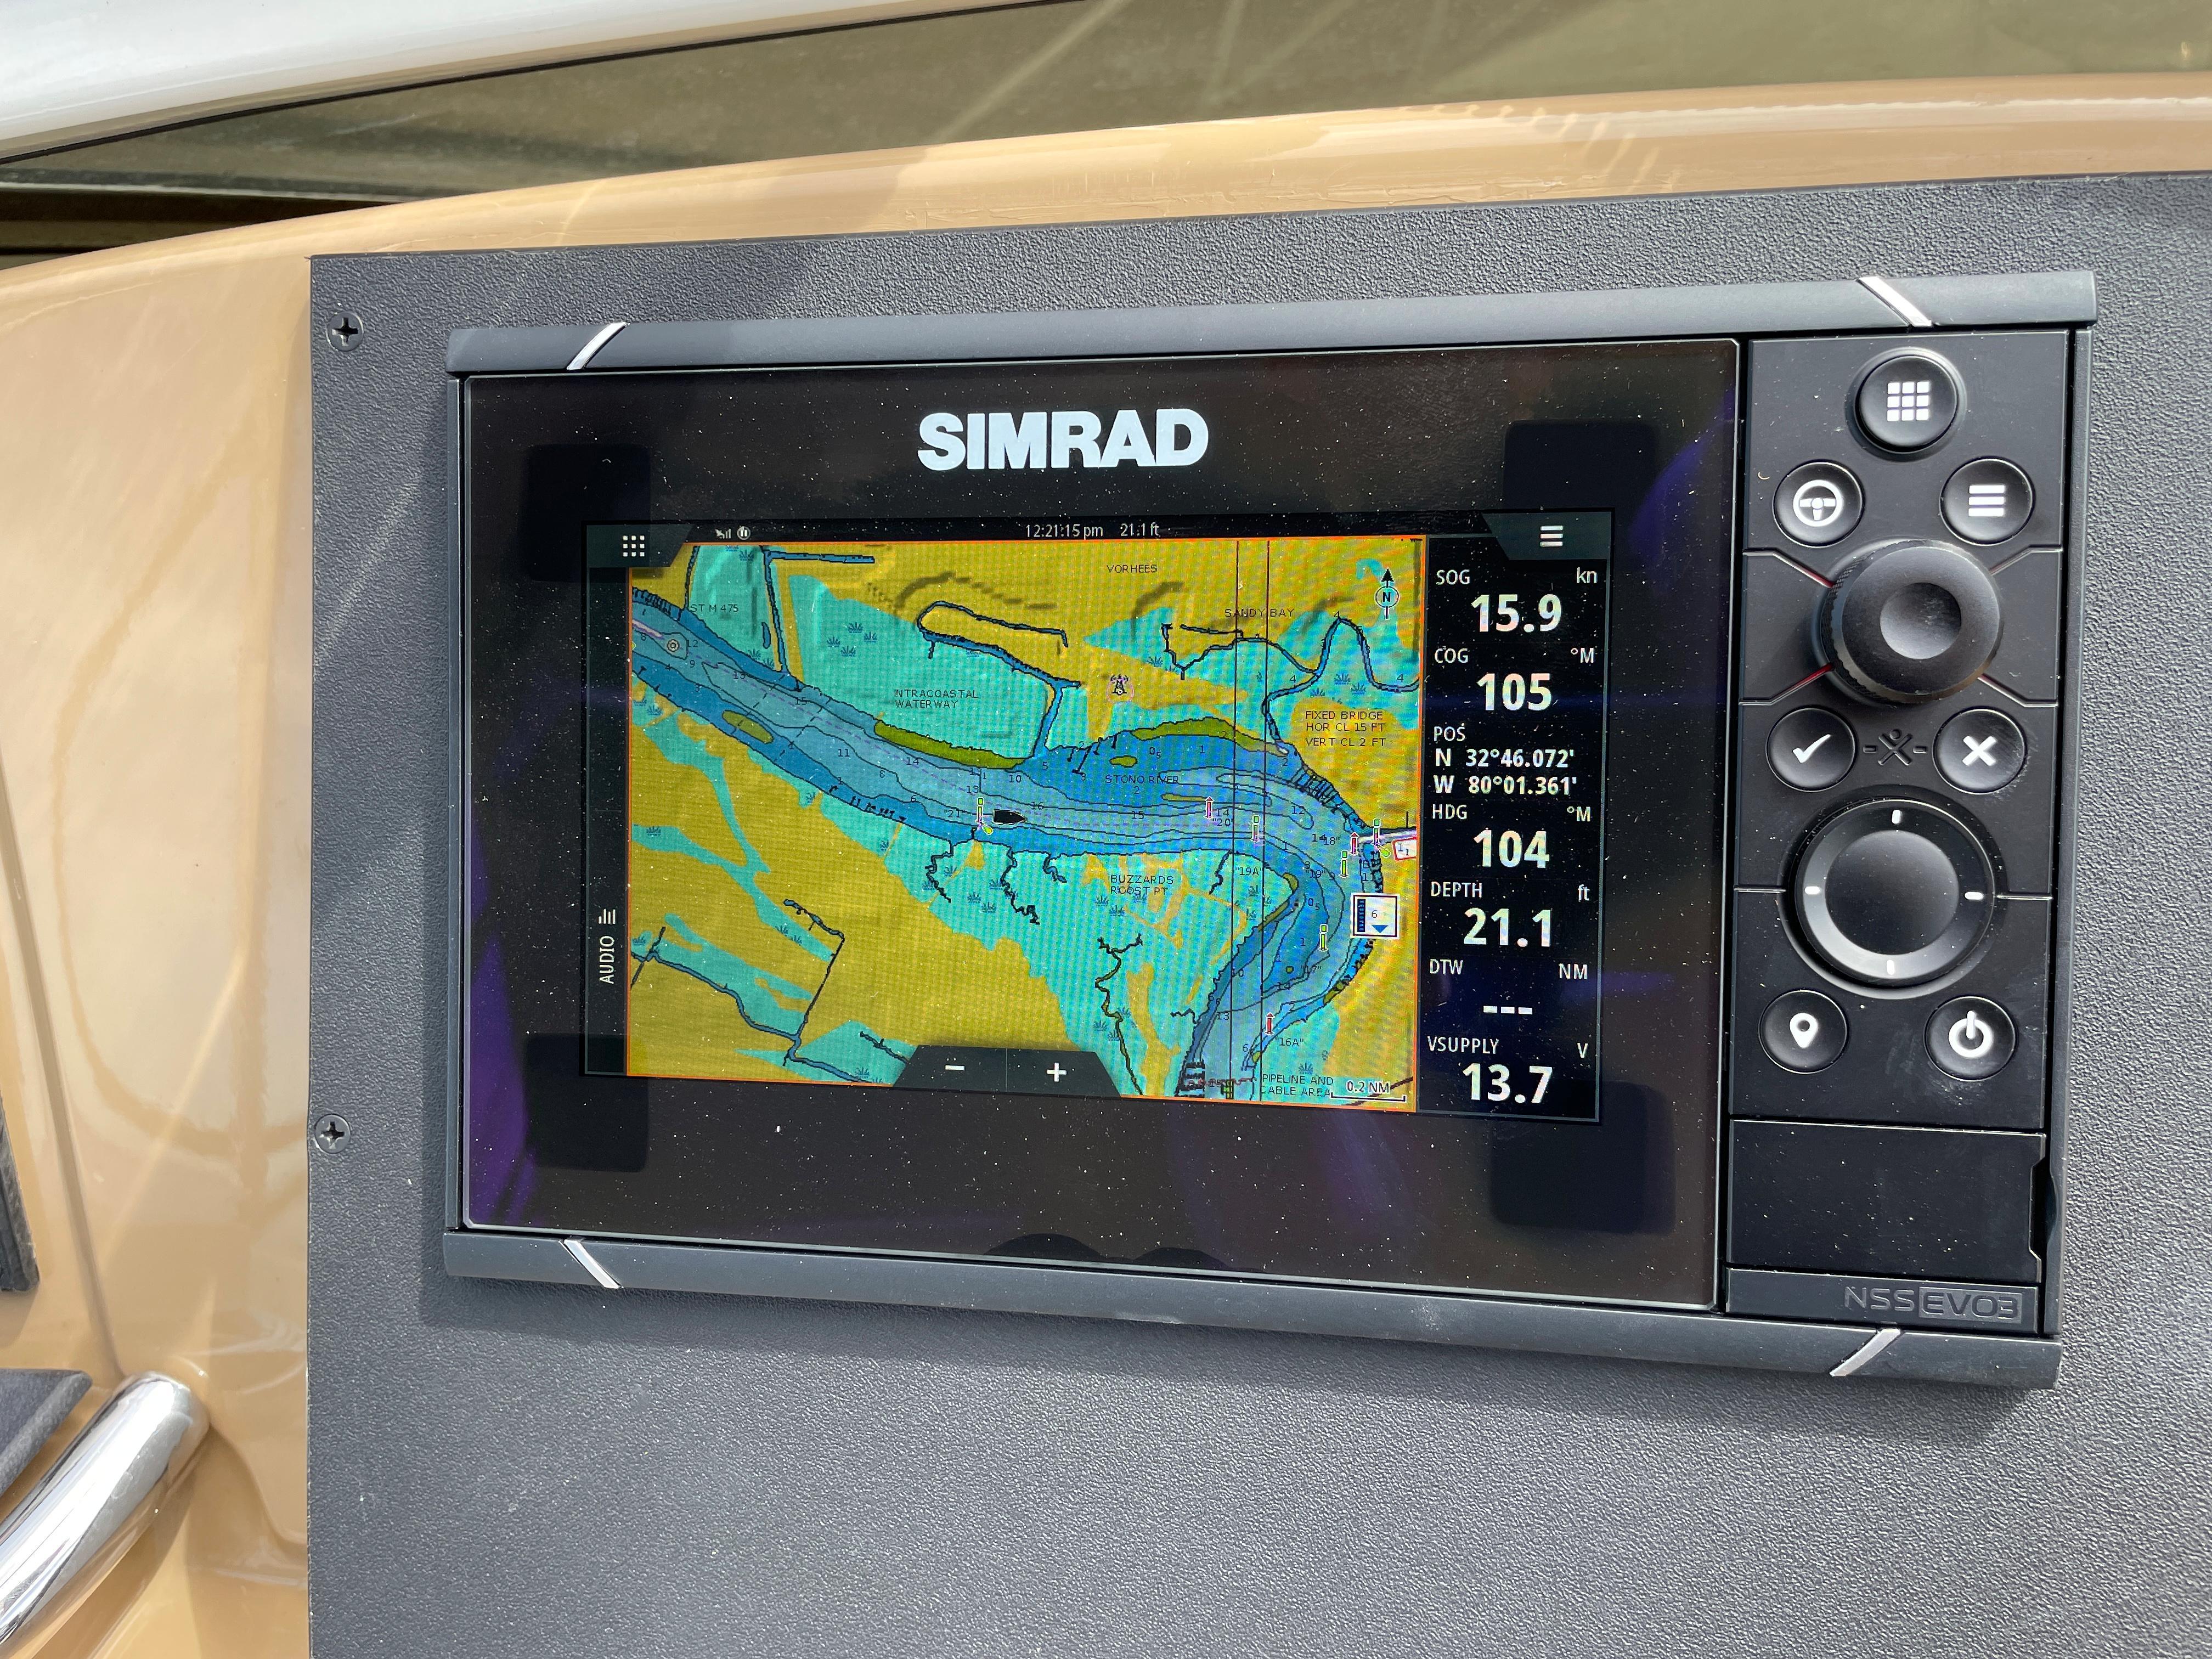 Carver 444 Cockpit Motor Yacht - Second Simrad Chartplotter/Radar/Depth